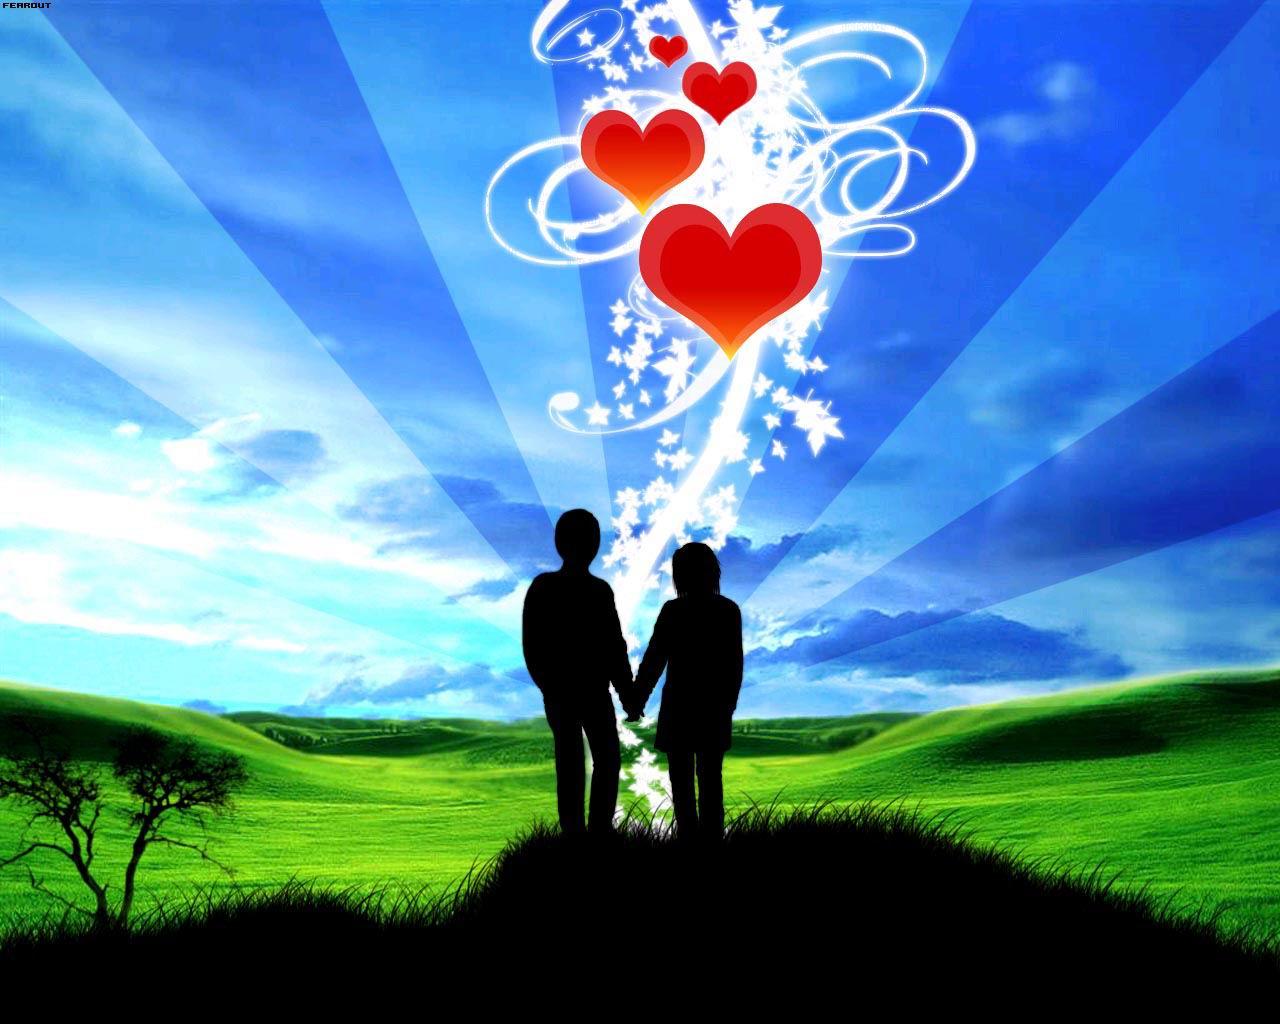 http://1.bp.blogspot.com/_m0WlzUvytf4/TK05ymijBWI/AAAAAAAAAPM/sGXqLurmF1c/s1600/love_wallpaper_111.jpg